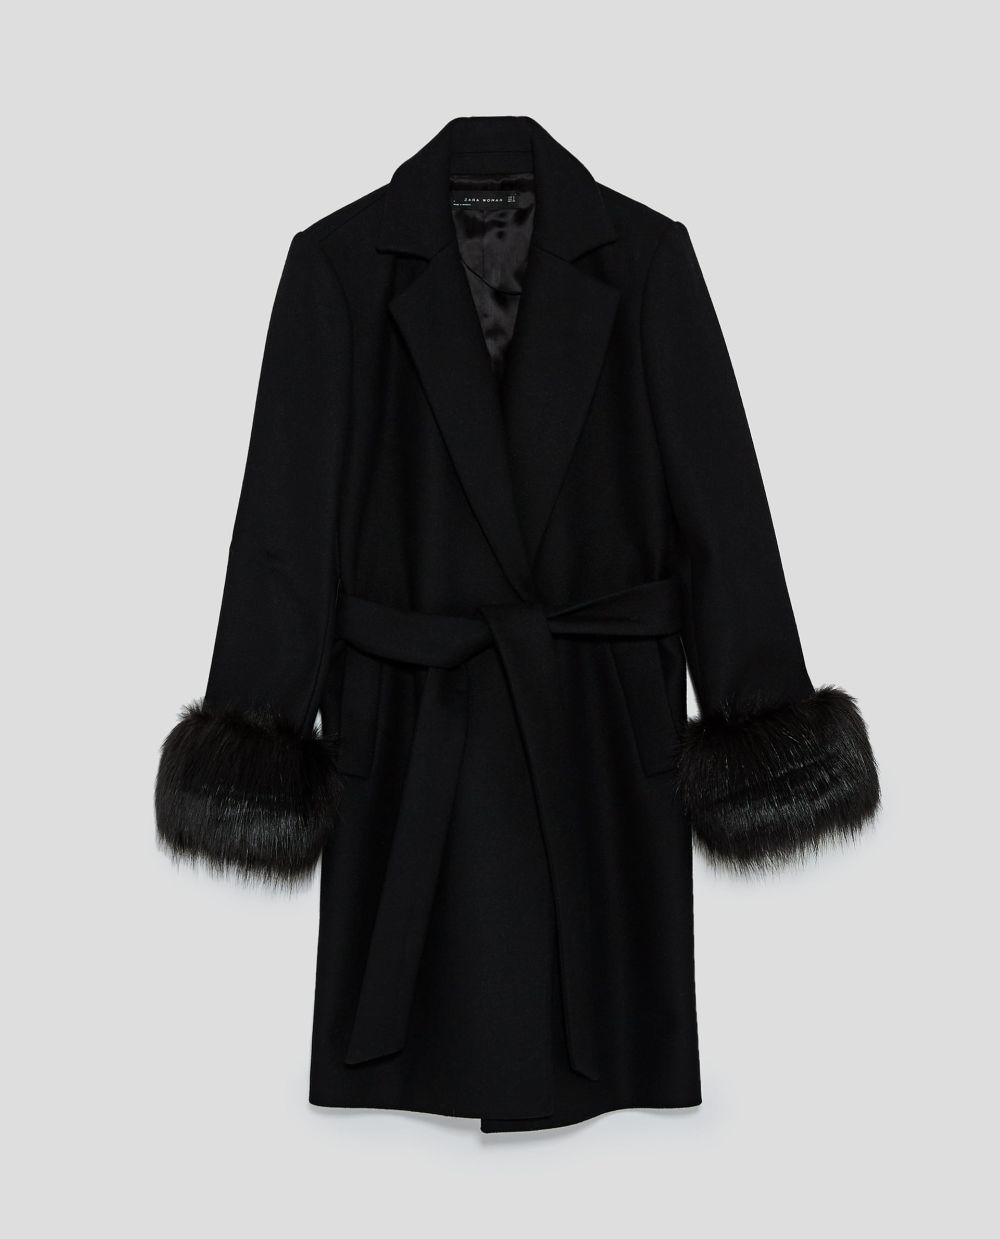 Abrigo con puños de pelo de Zara (99,95 euros)